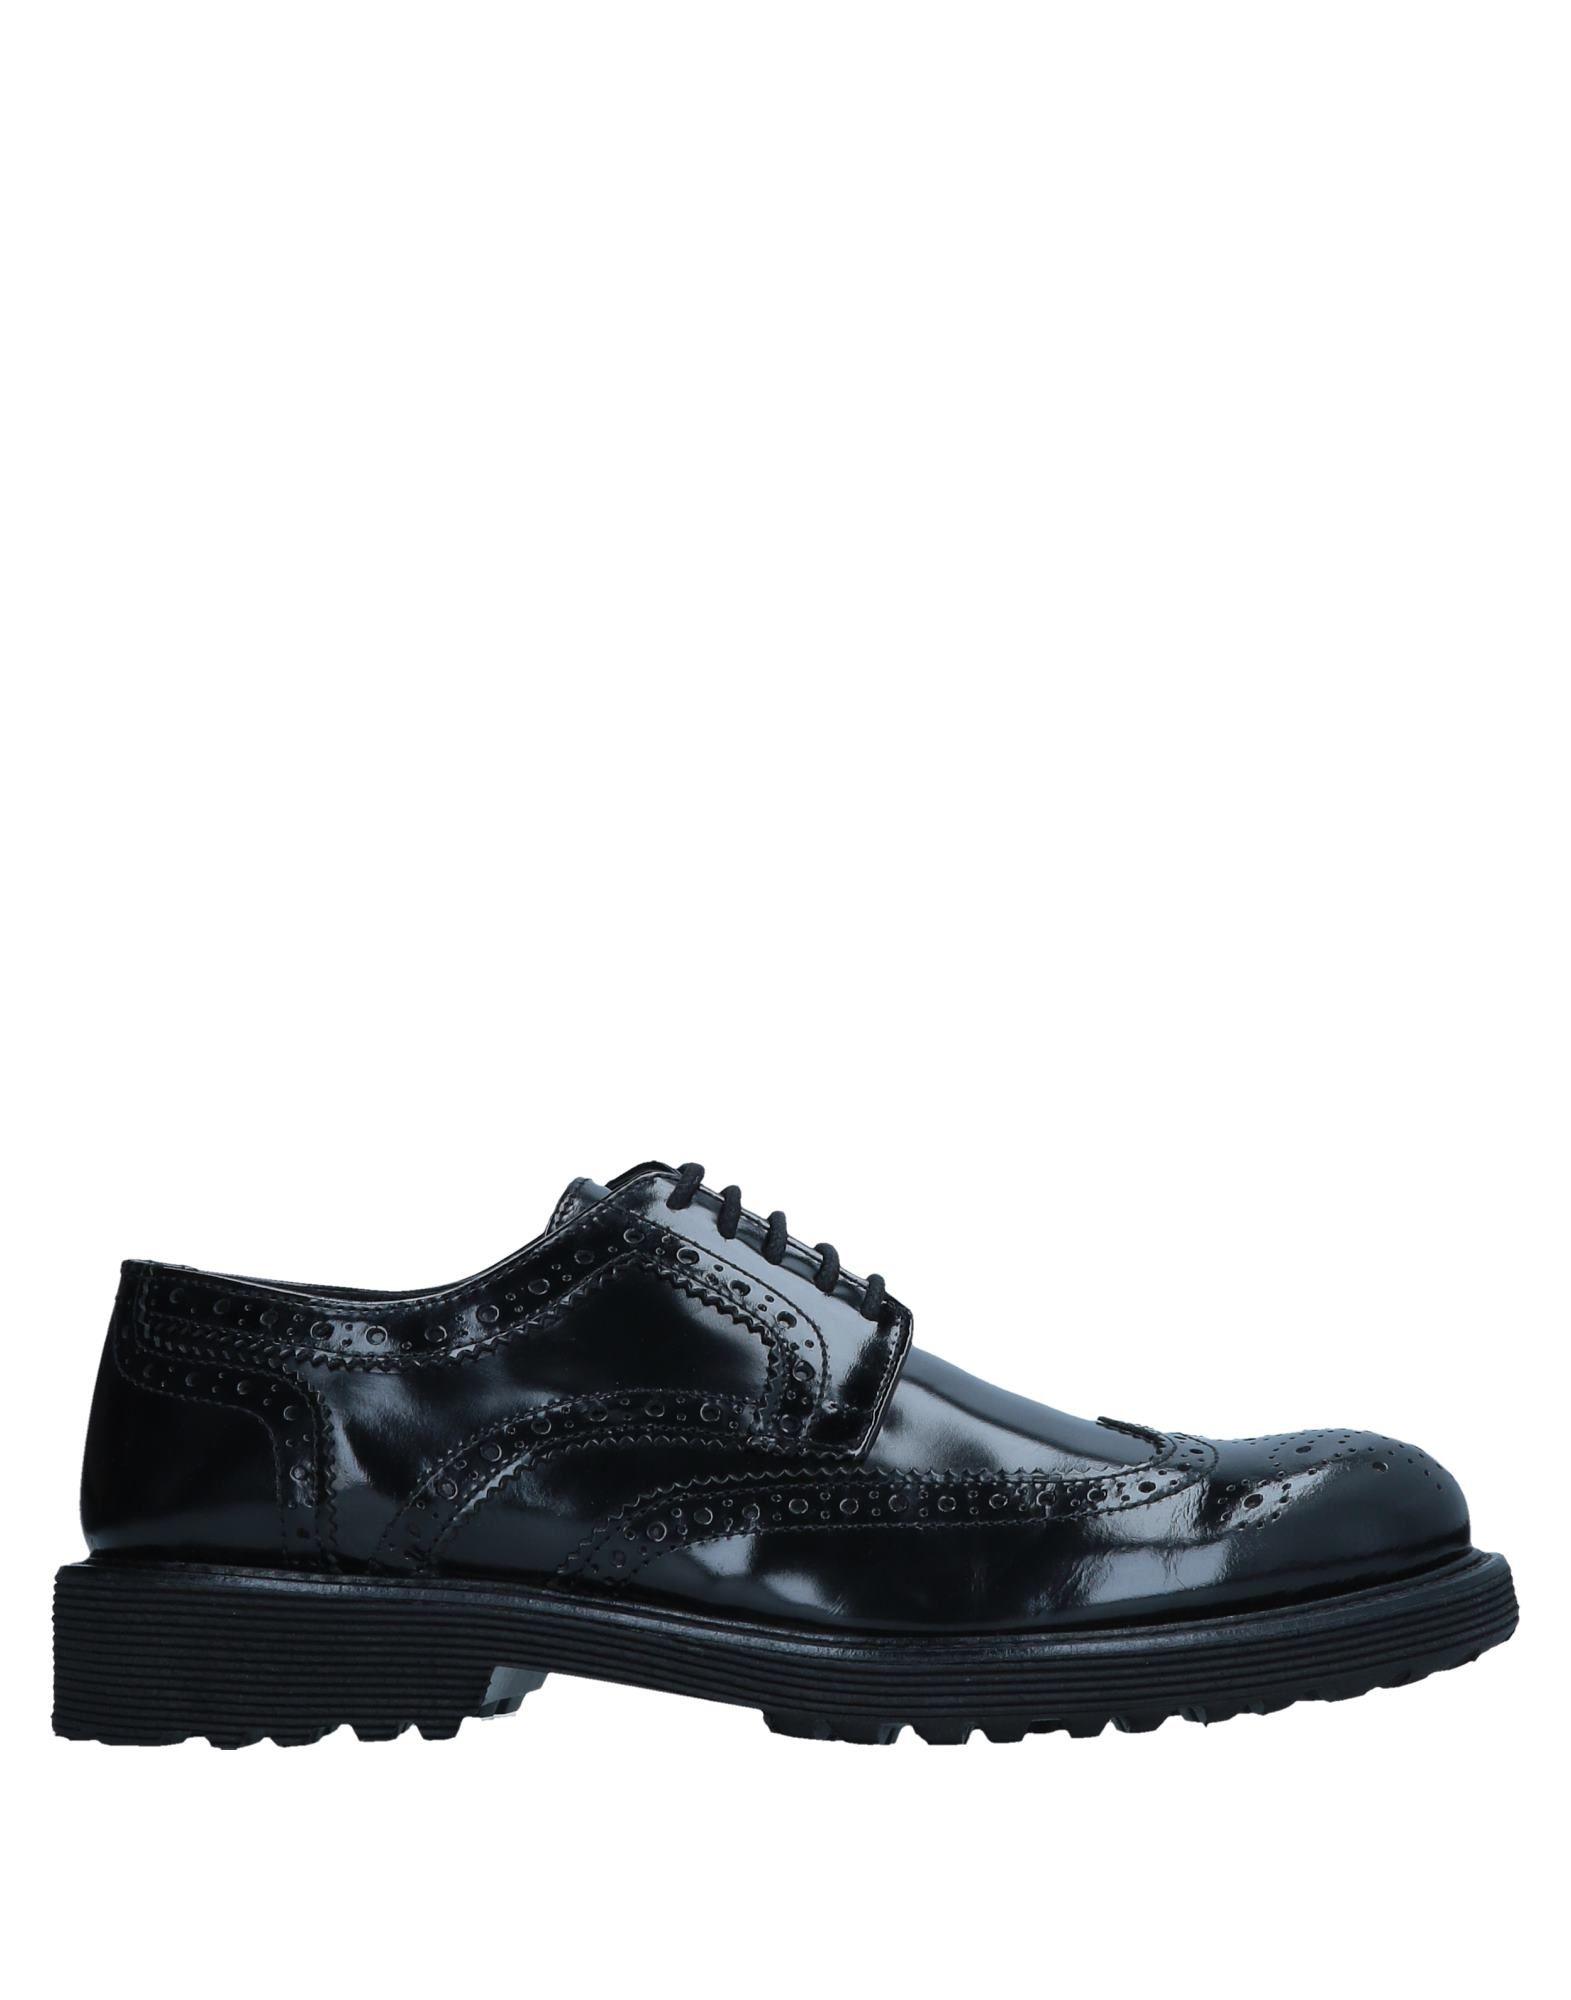 Henry Smith Schnürschuhe Herren  11552344CC Gute Qualität beliebte Schuhe